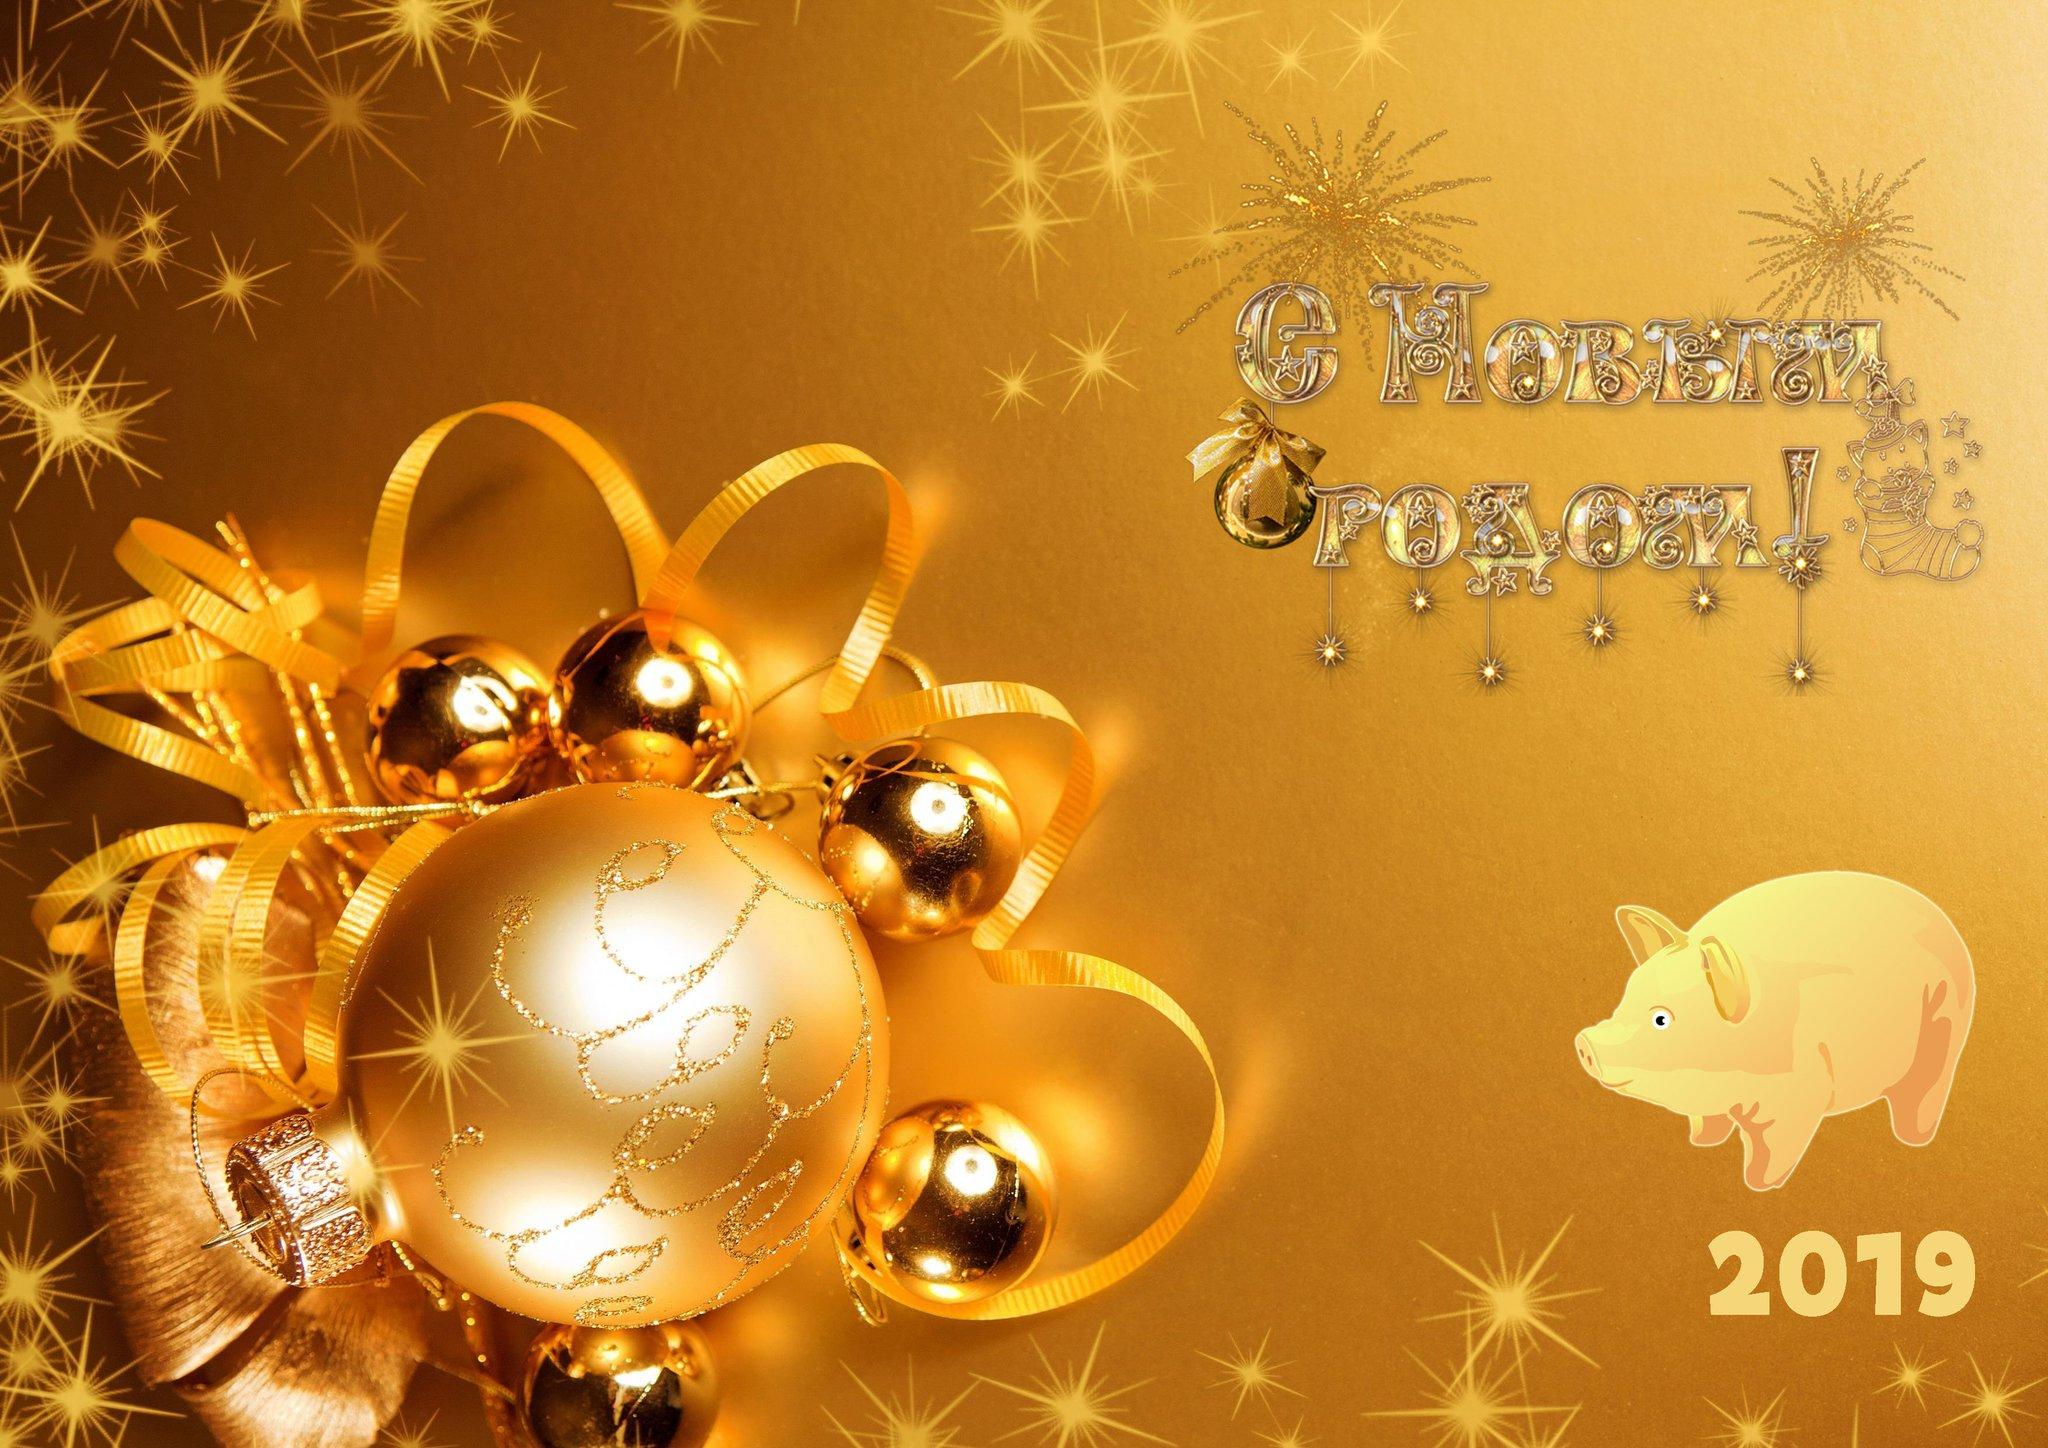 Днем, открытки поздравления с наступившим новым годом 2019 свиньи